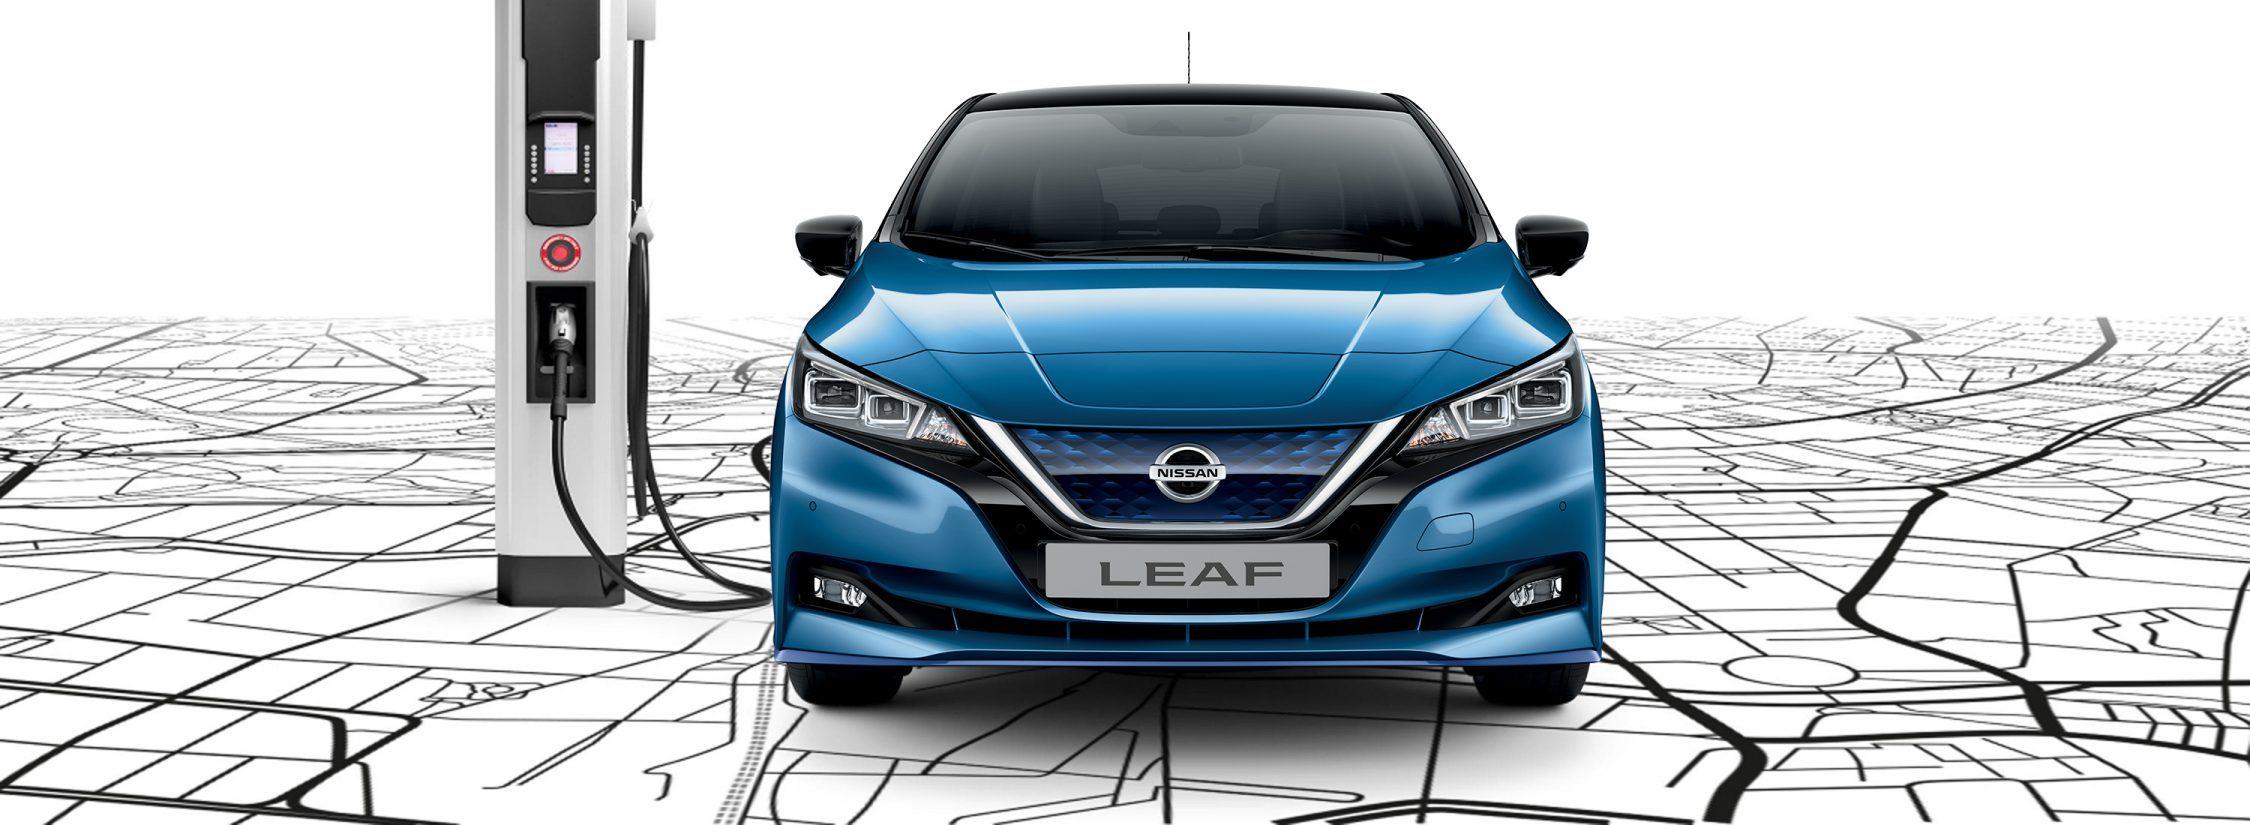 Vue avant de la Nissan LEAF e+ en train d'être rechargée à une borne de recharge rapide